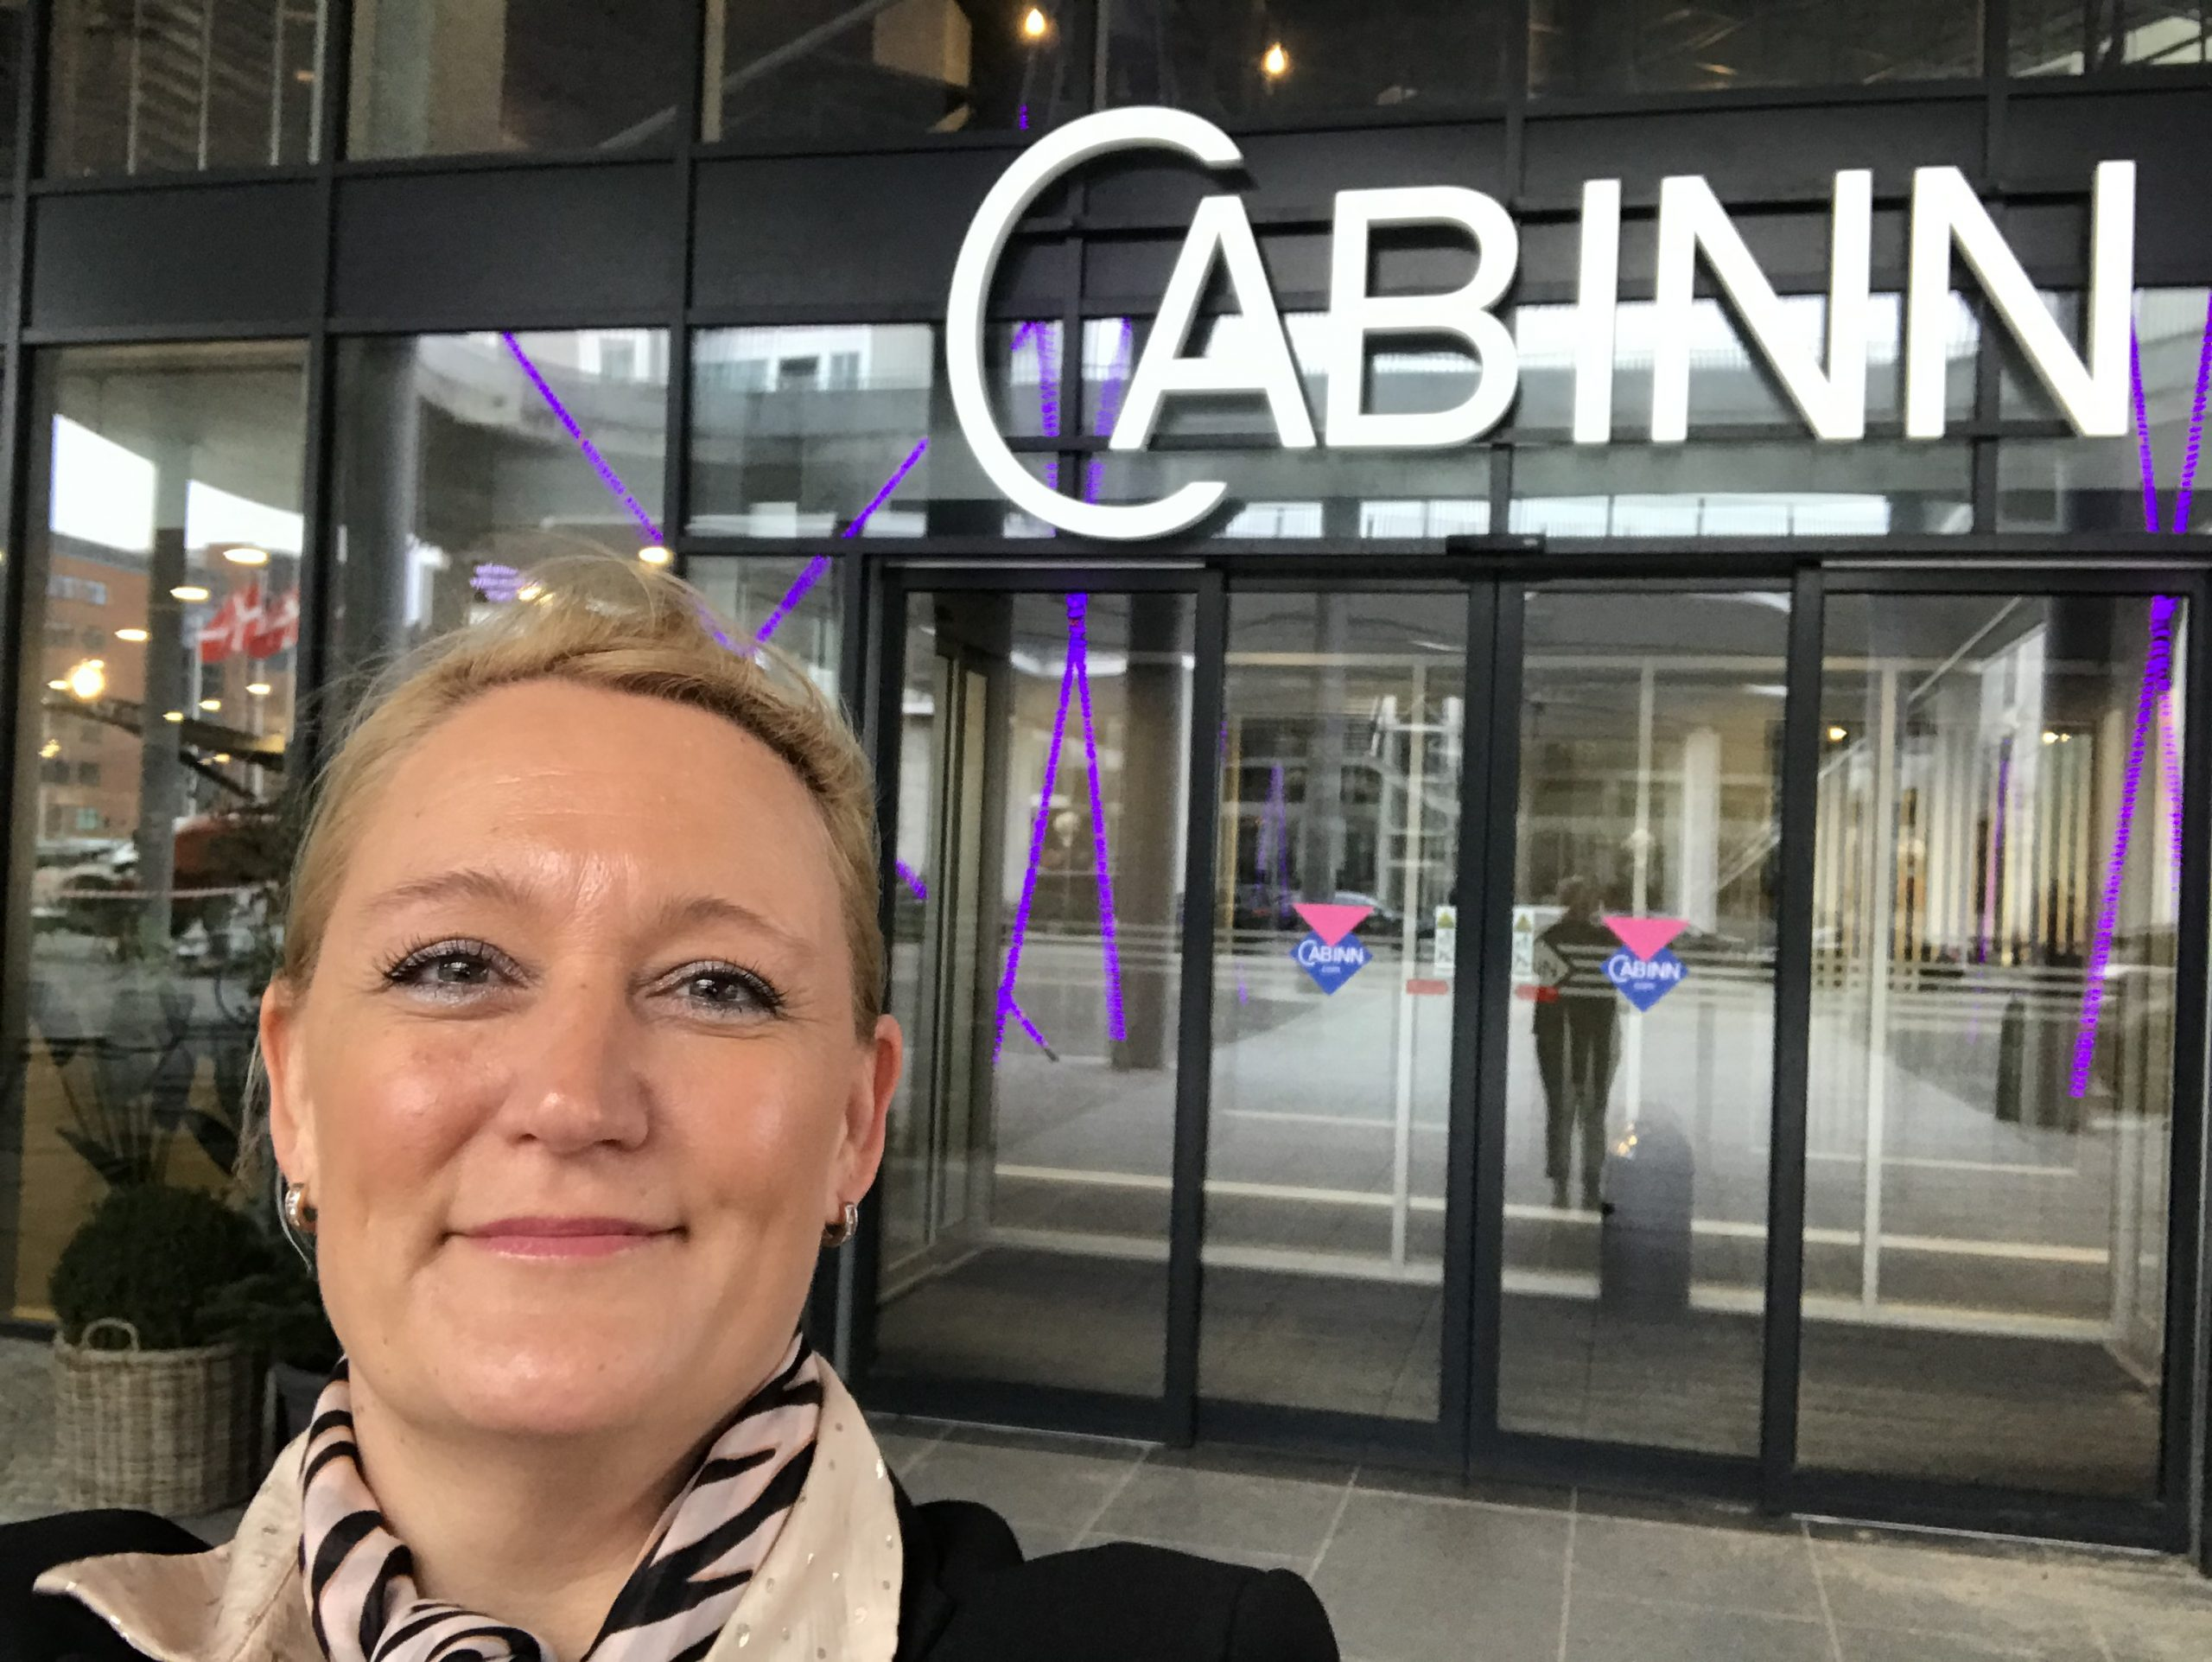 Benedikte Sørensen er netop begyndt som hotel manager på CabInn Copenhagen. Privatfoto.